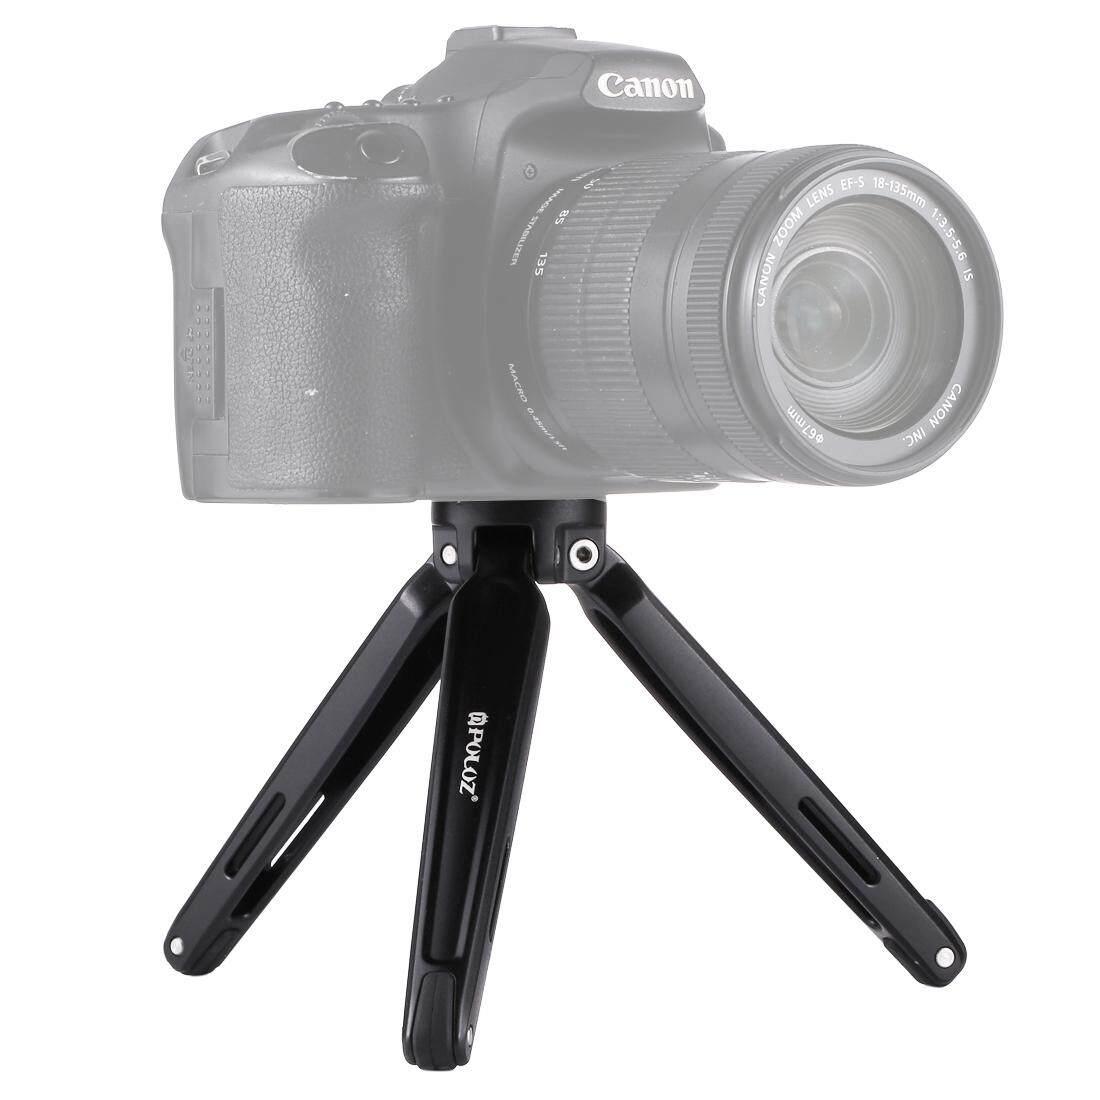 Buy Puluz Pocket Mini Metal Desktop Tripod Mount For Dslr And Digital Camera Adjustable Height 4 5 15Cm Max Load 2 5Kg Black Intl